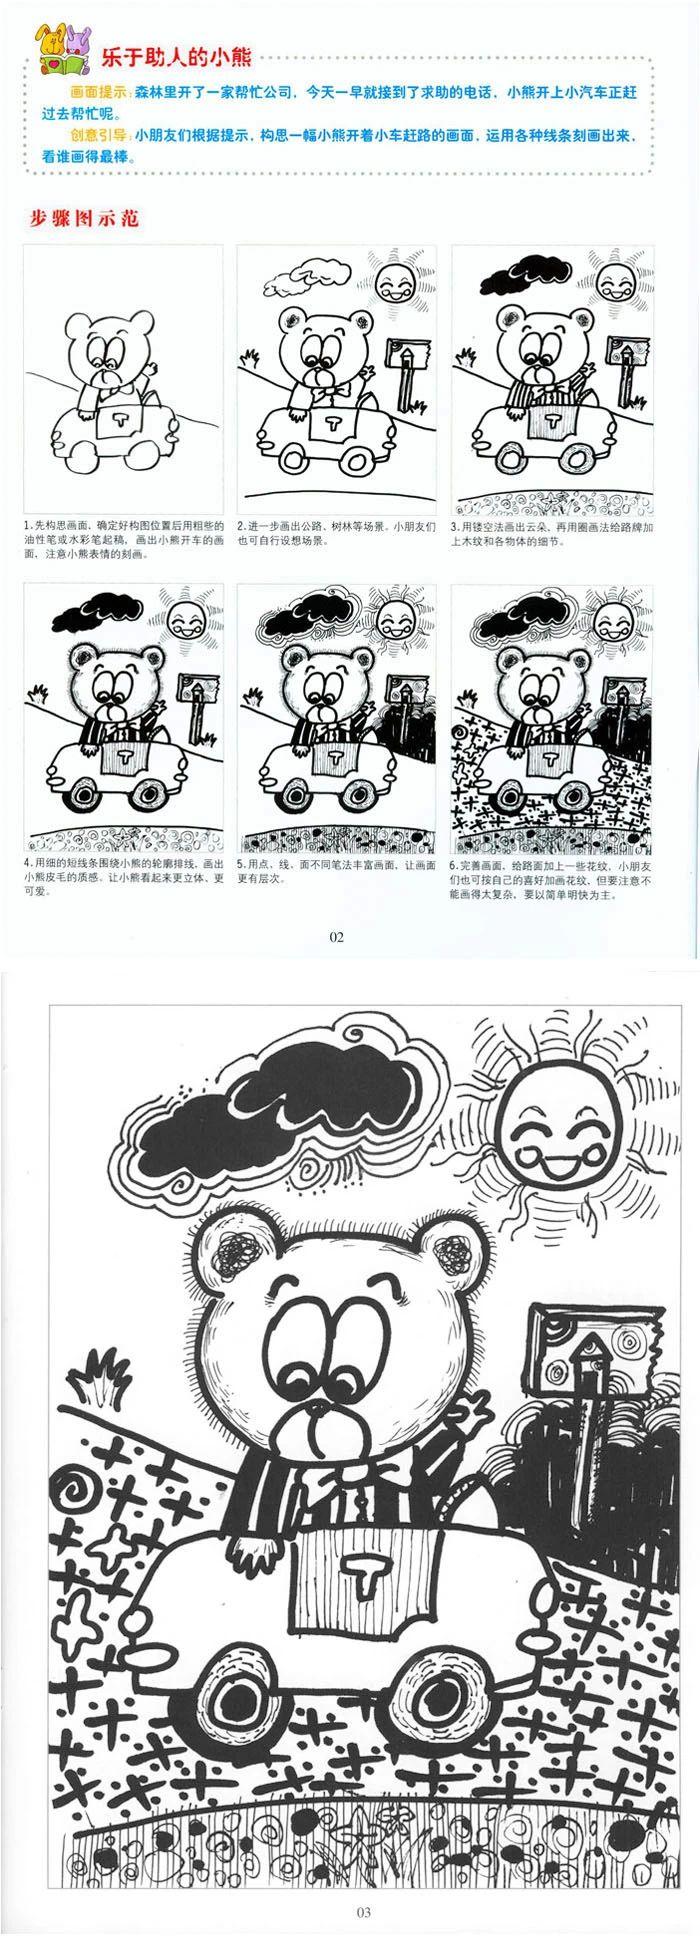 4册 小小美术家创意水彩笔画 创意线描画 创意油画棒画 创意卡通画 少